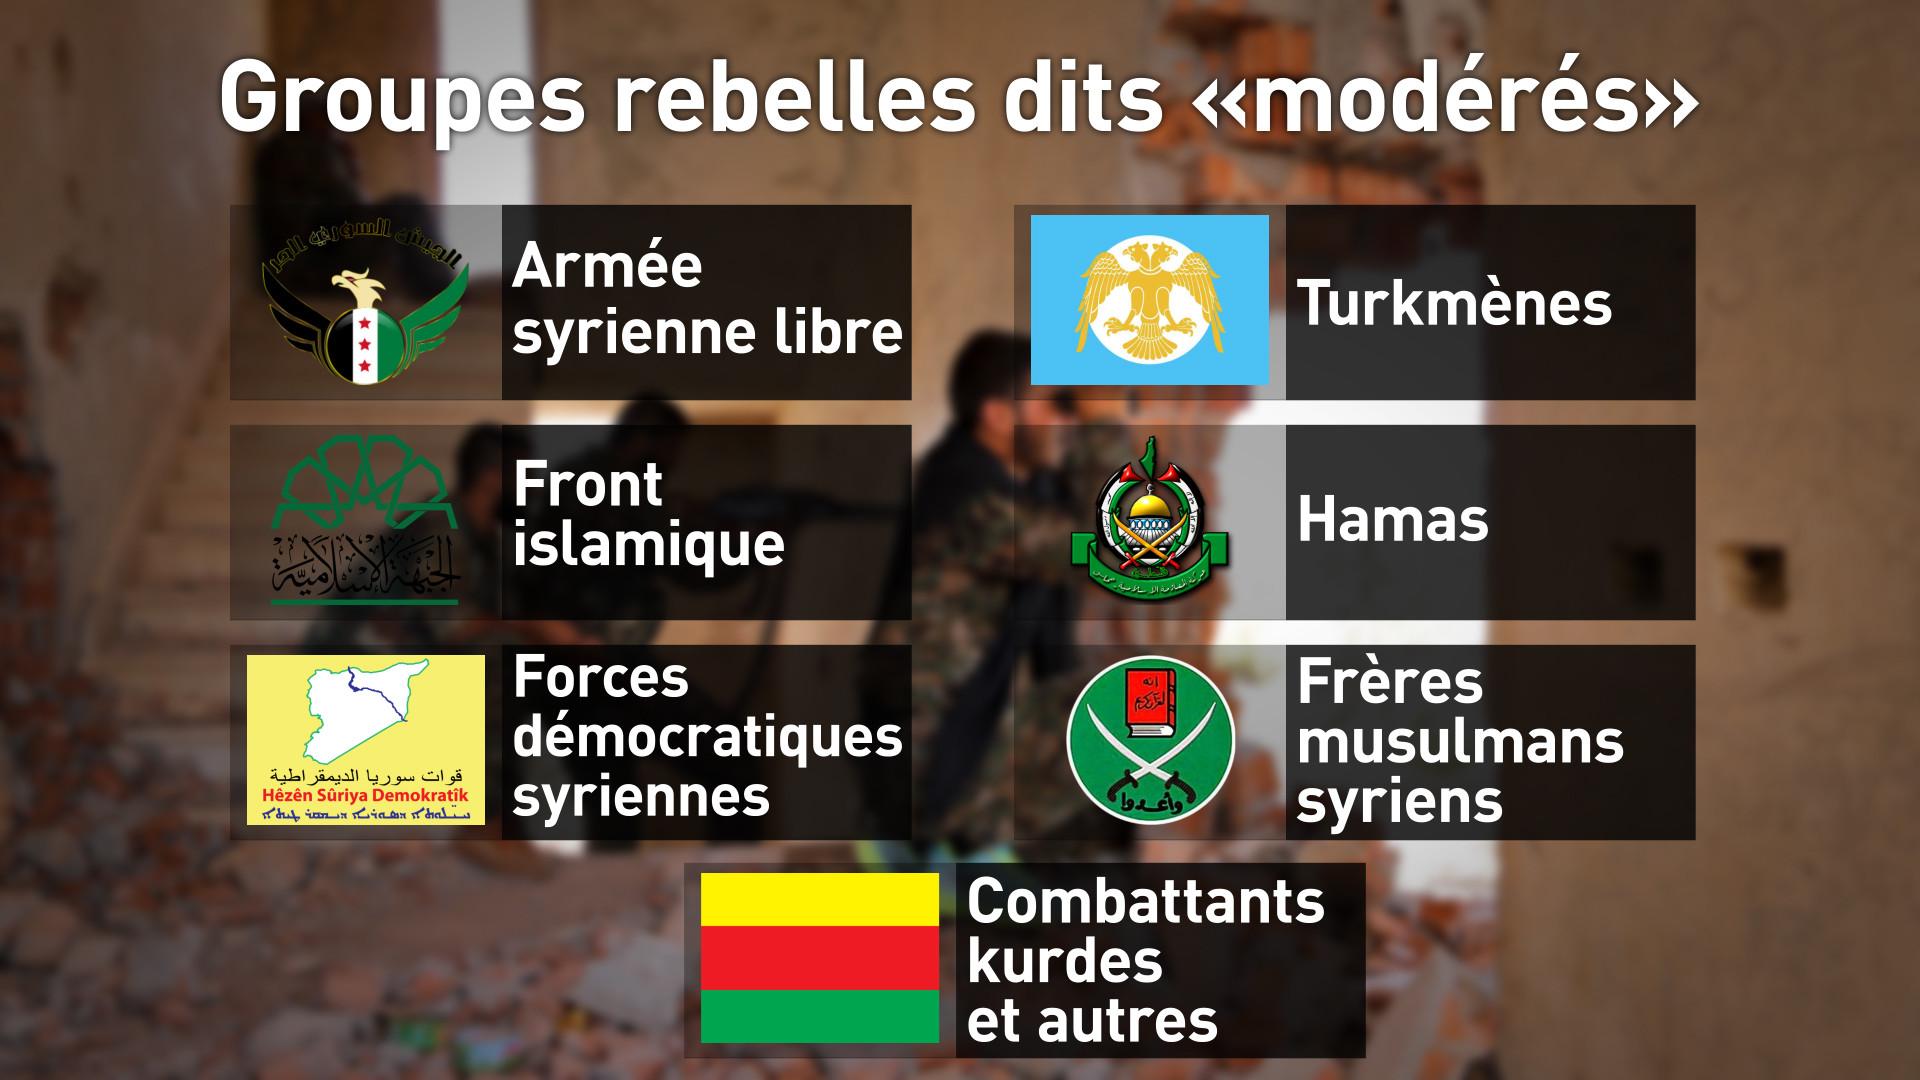 Quelles sont les forces non gouvernementales à se battre en Syrie?